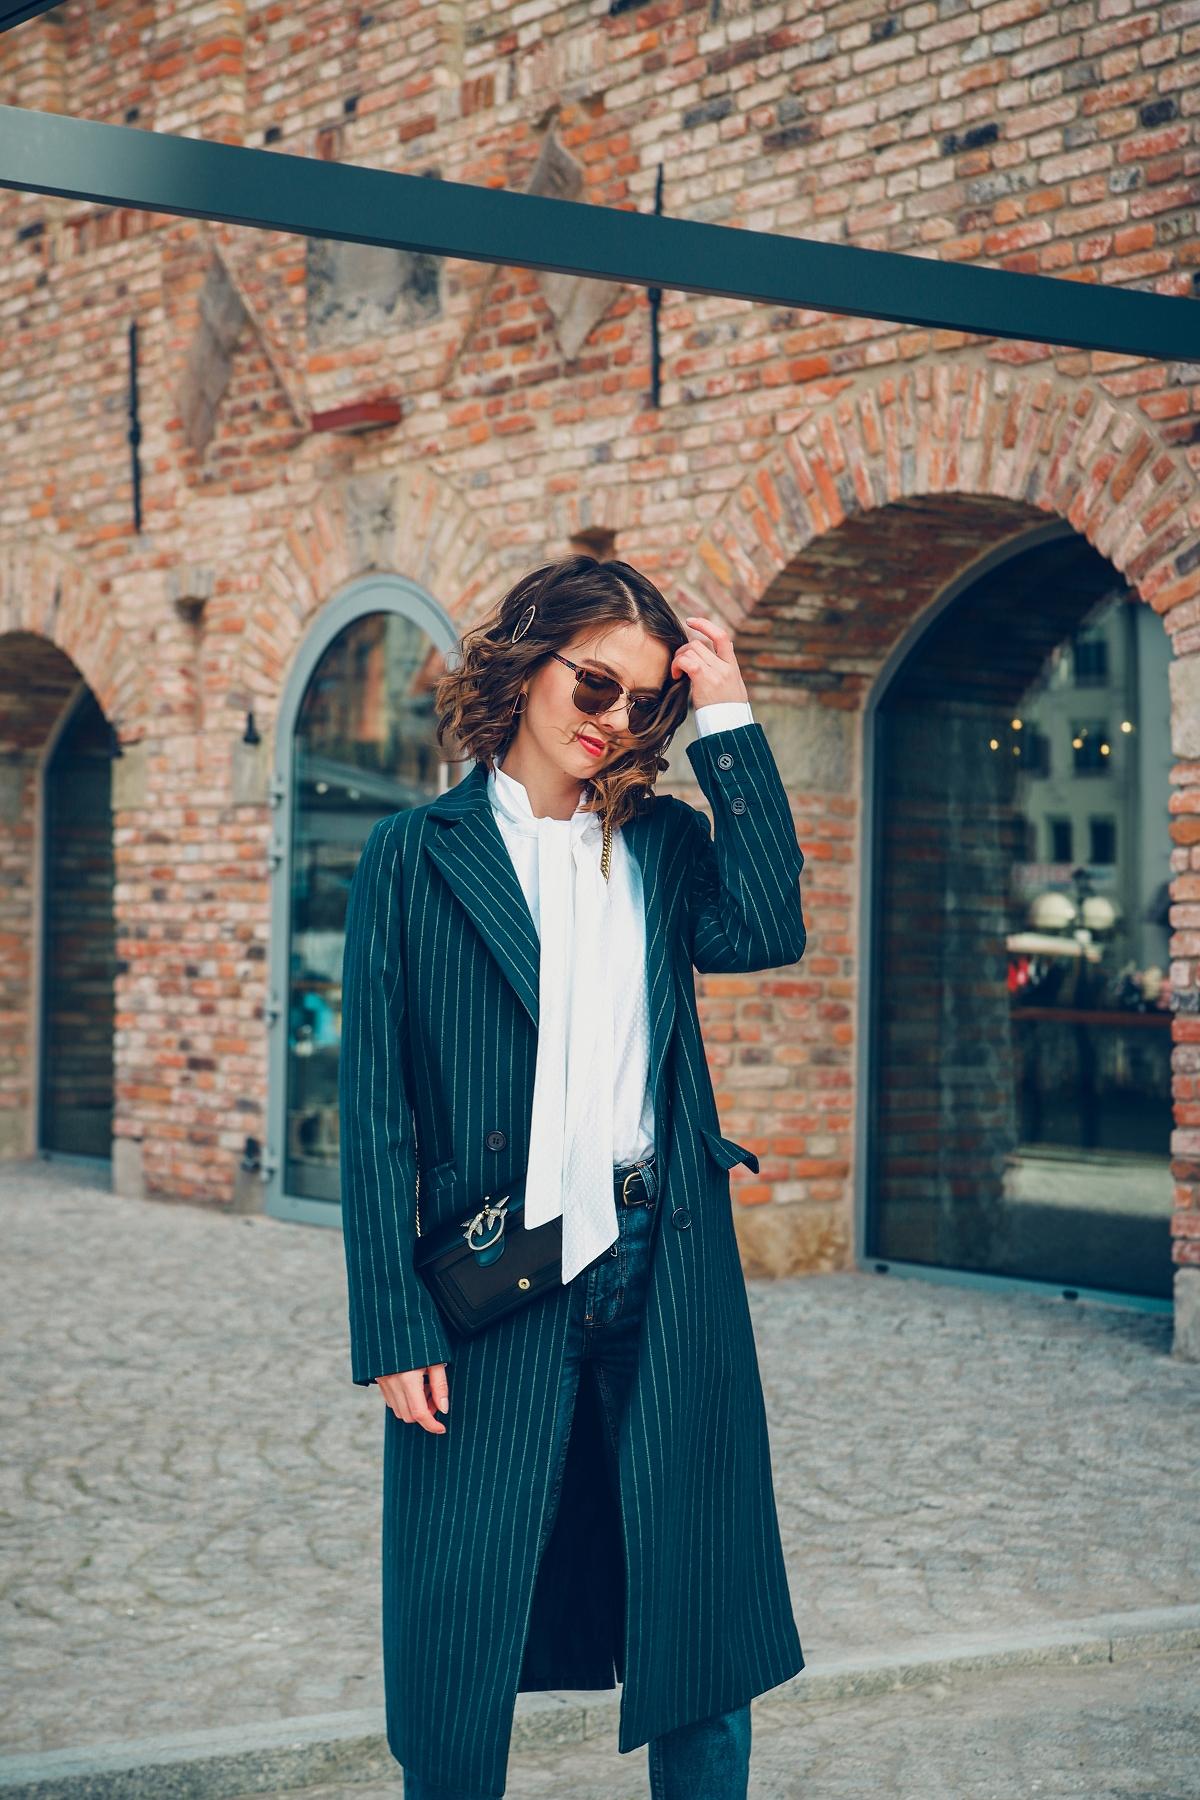 biala koszula wolczanka blog modowy stylizacja mom jeans granatowy płaszcz